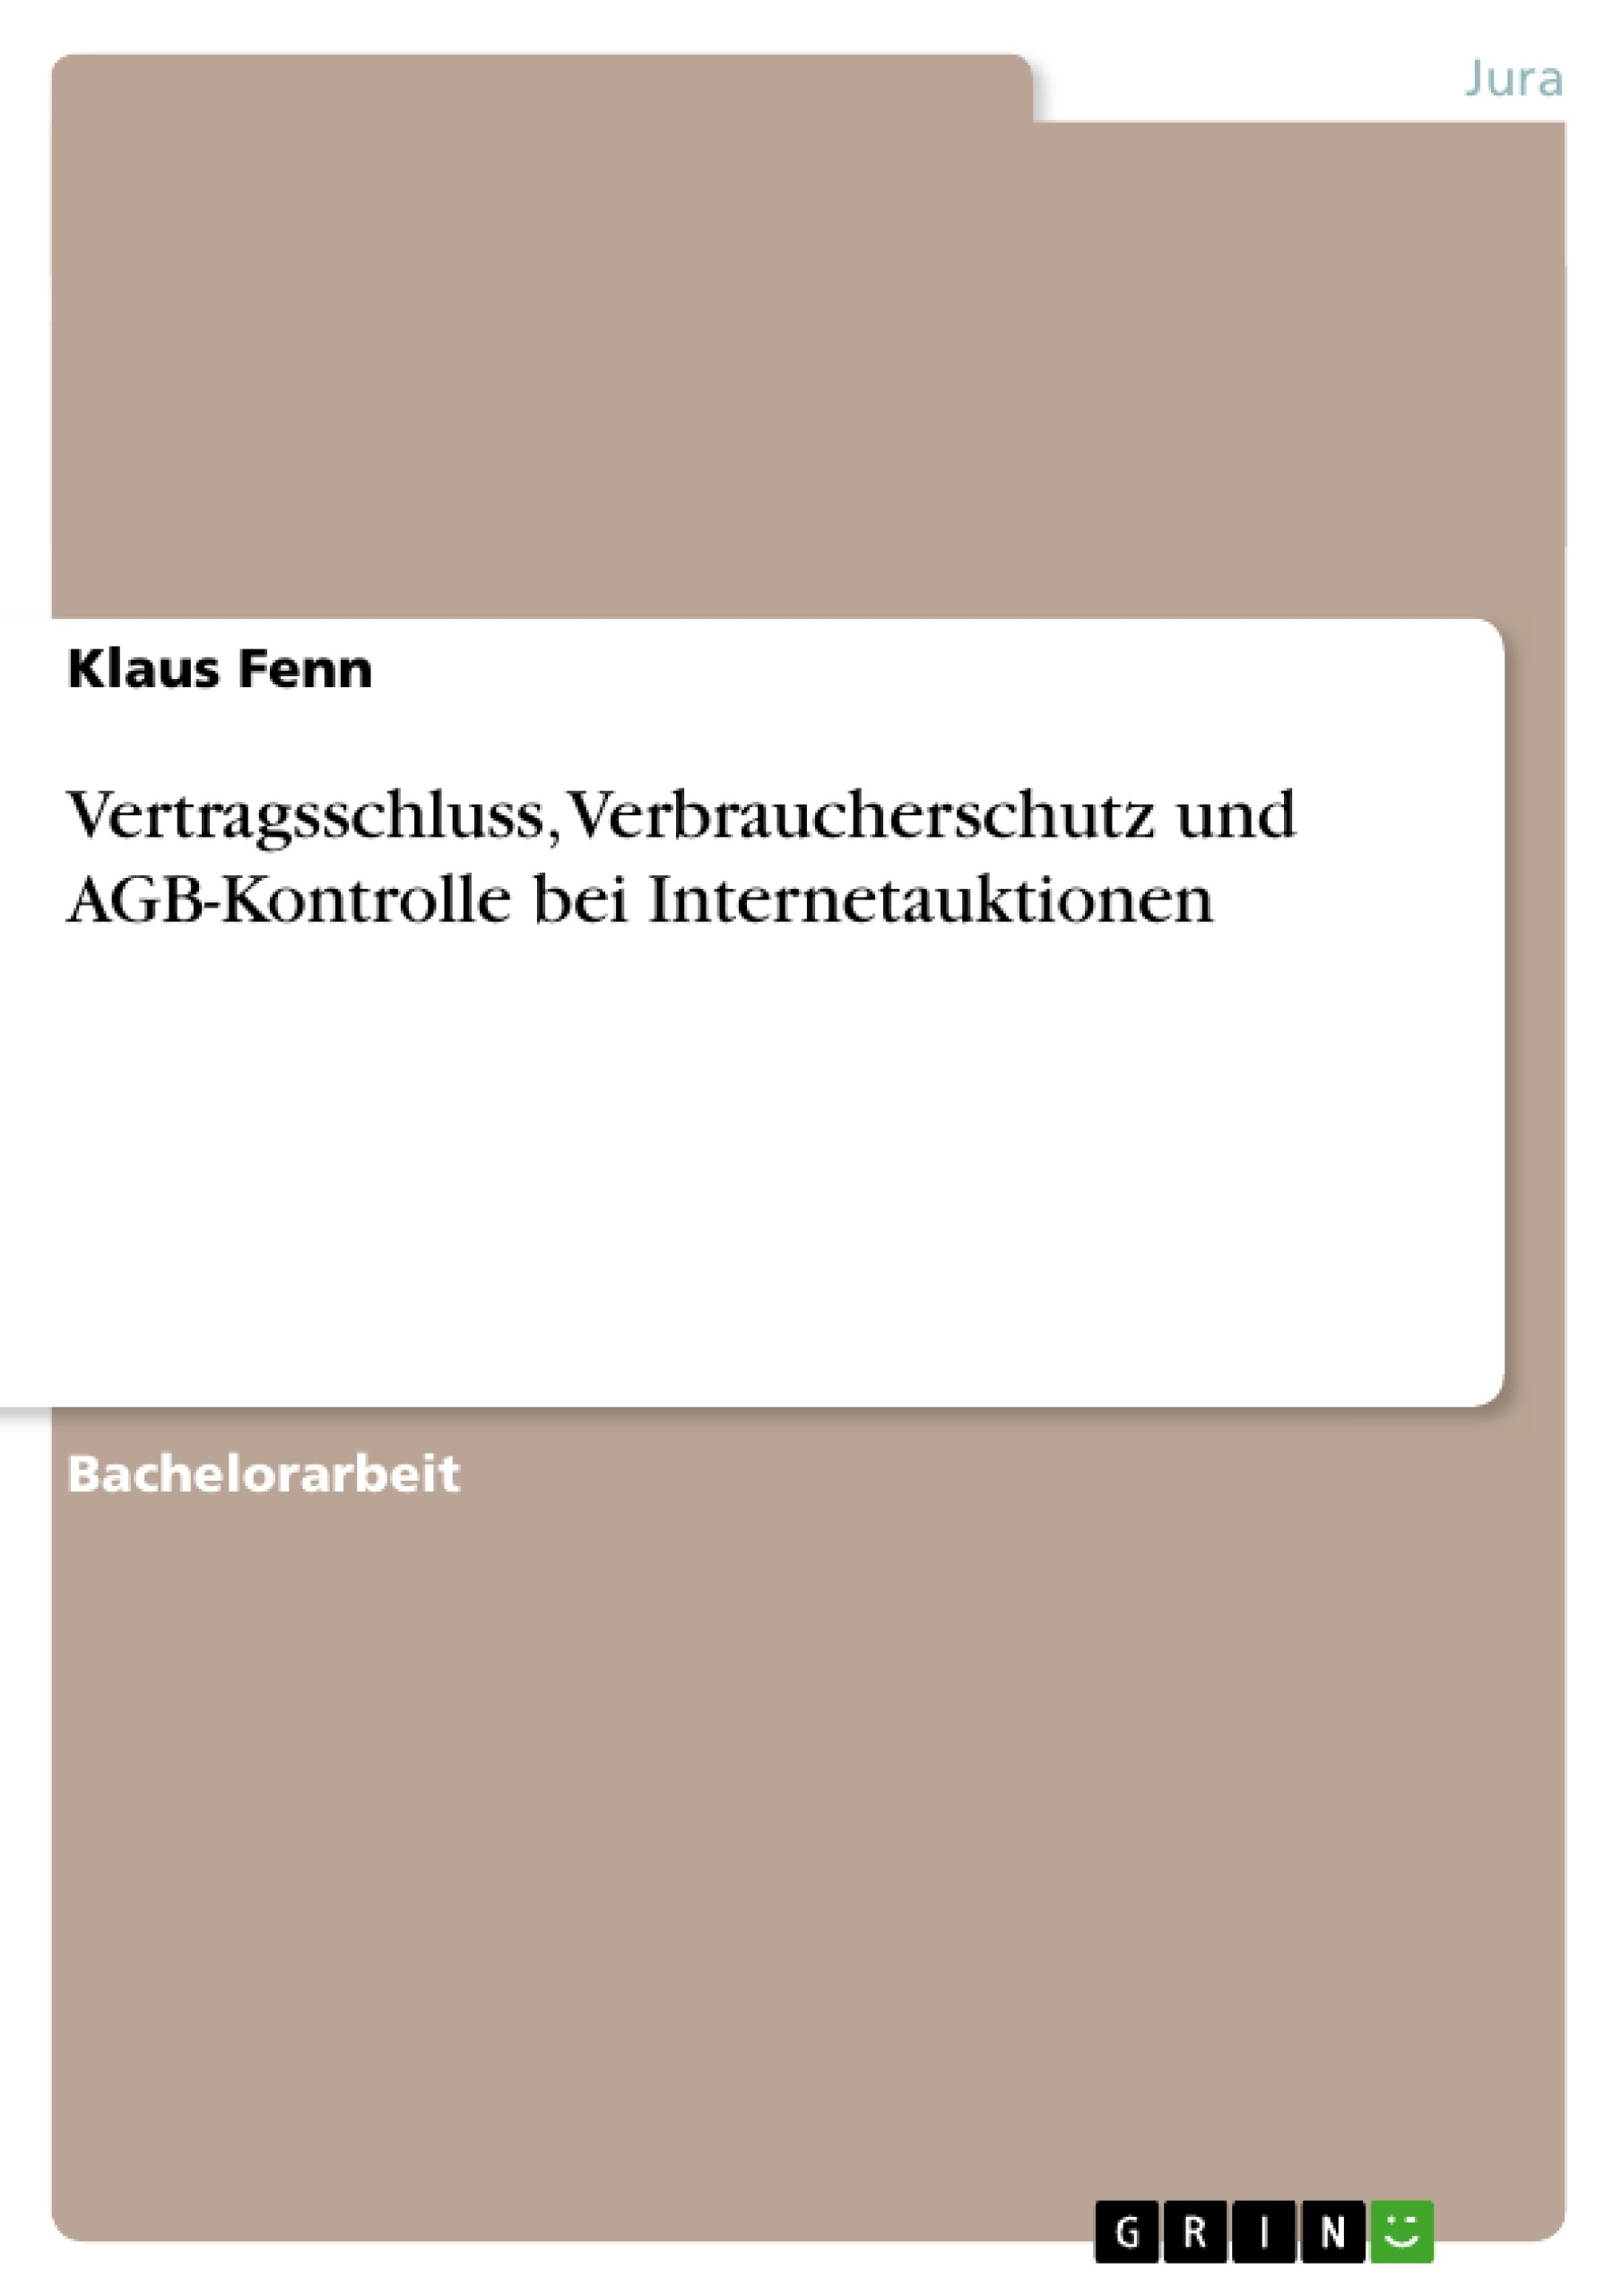 Titel: Vertragsschluss, Verbraucherschutz und AGB-Kontrolle bei Internetauktionen